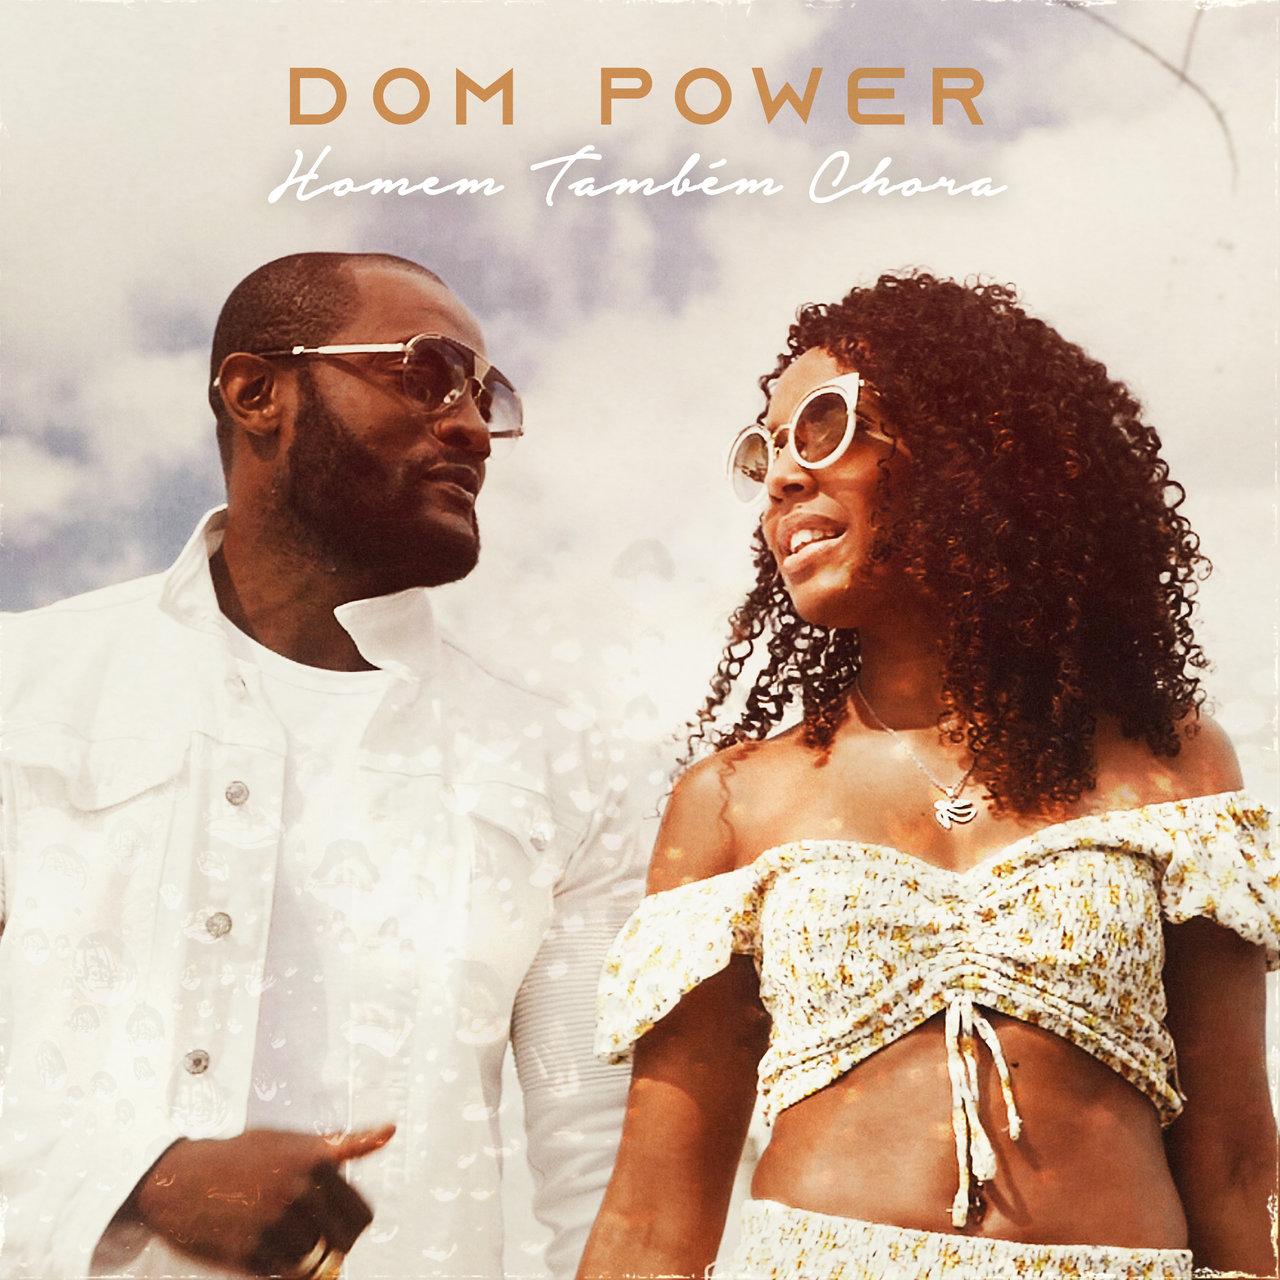 Dom Power - Homem também Chora (Cover)